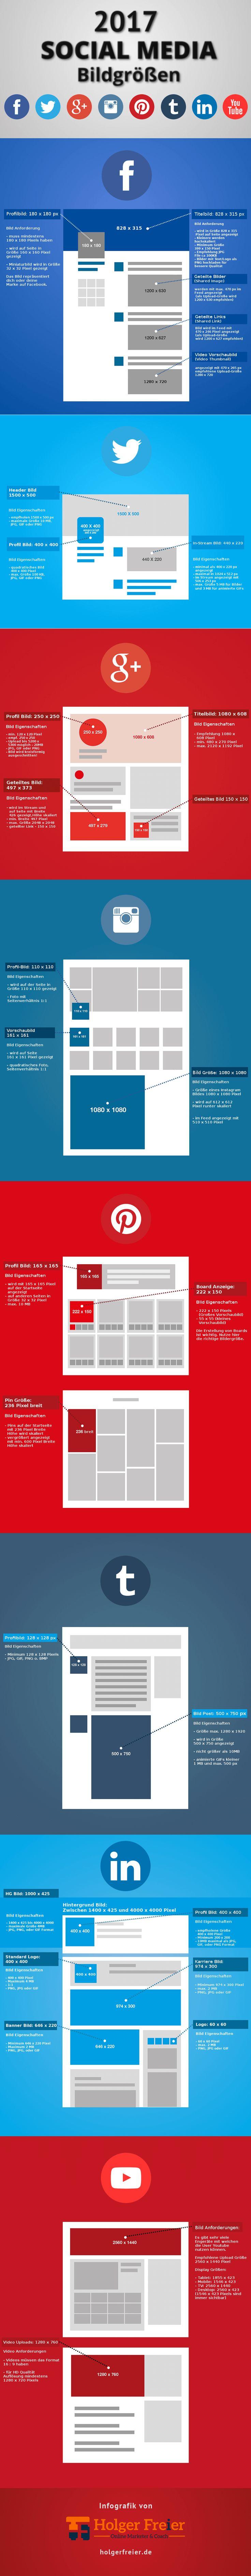 Social Media Bildgrößen 2017: Facebook, Twitter, Google+ und andere Netzwerke